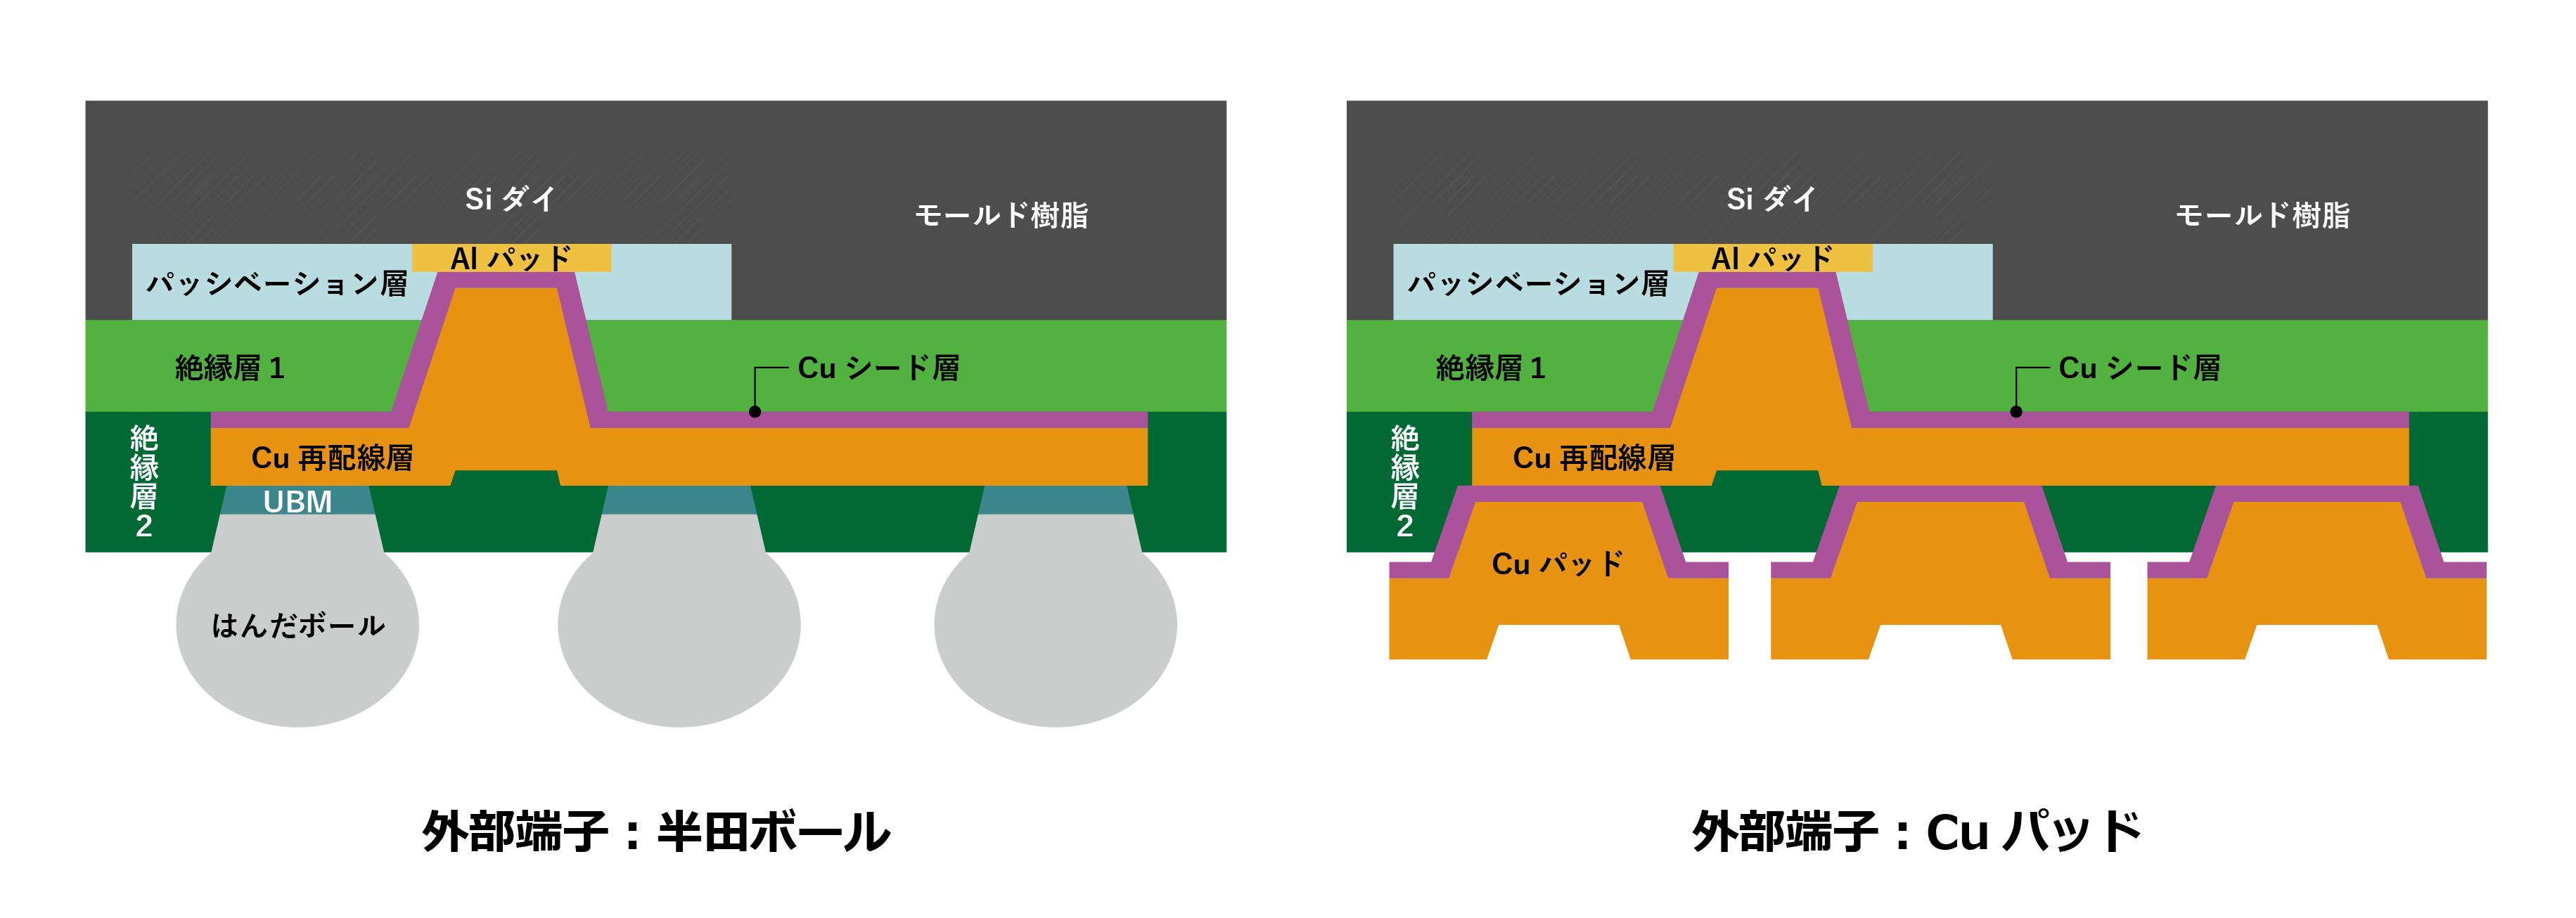 プロセスデザインルール概要の図 PMTパッケージファウンドリ